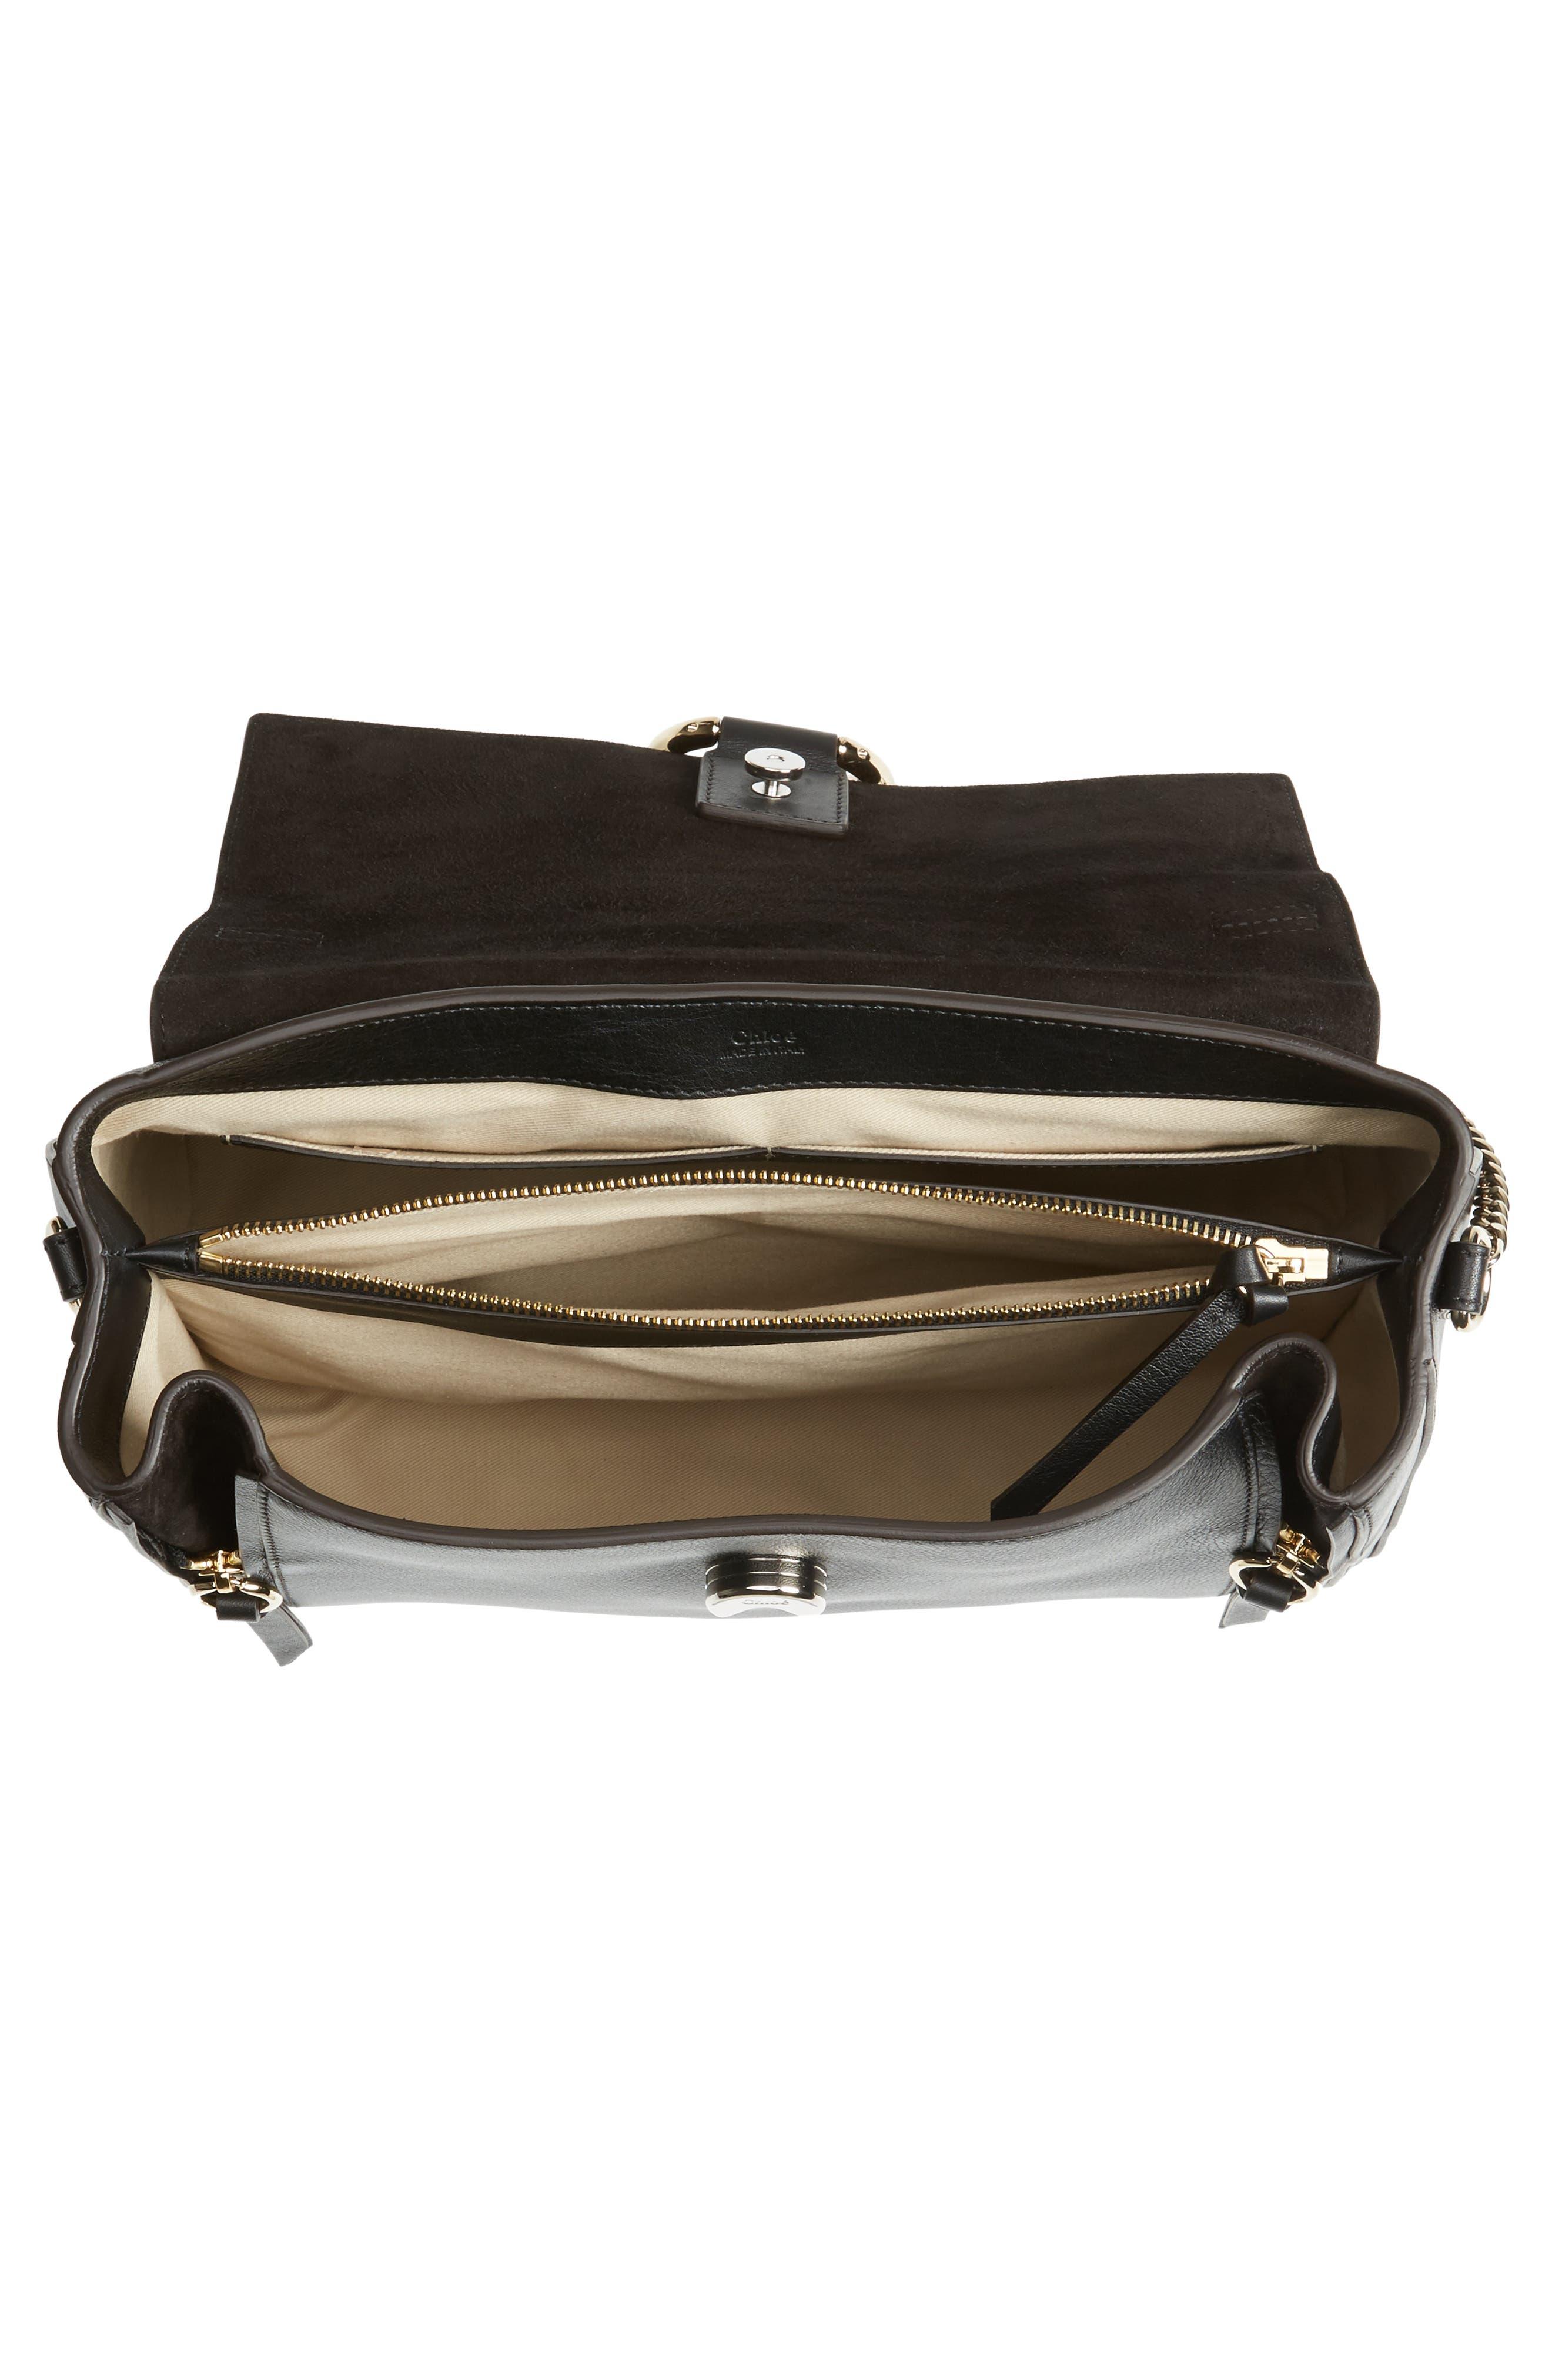 Medium Faye Leather Shoulder Bag,                             Alternate thumbnail 6, color,                             BLACK